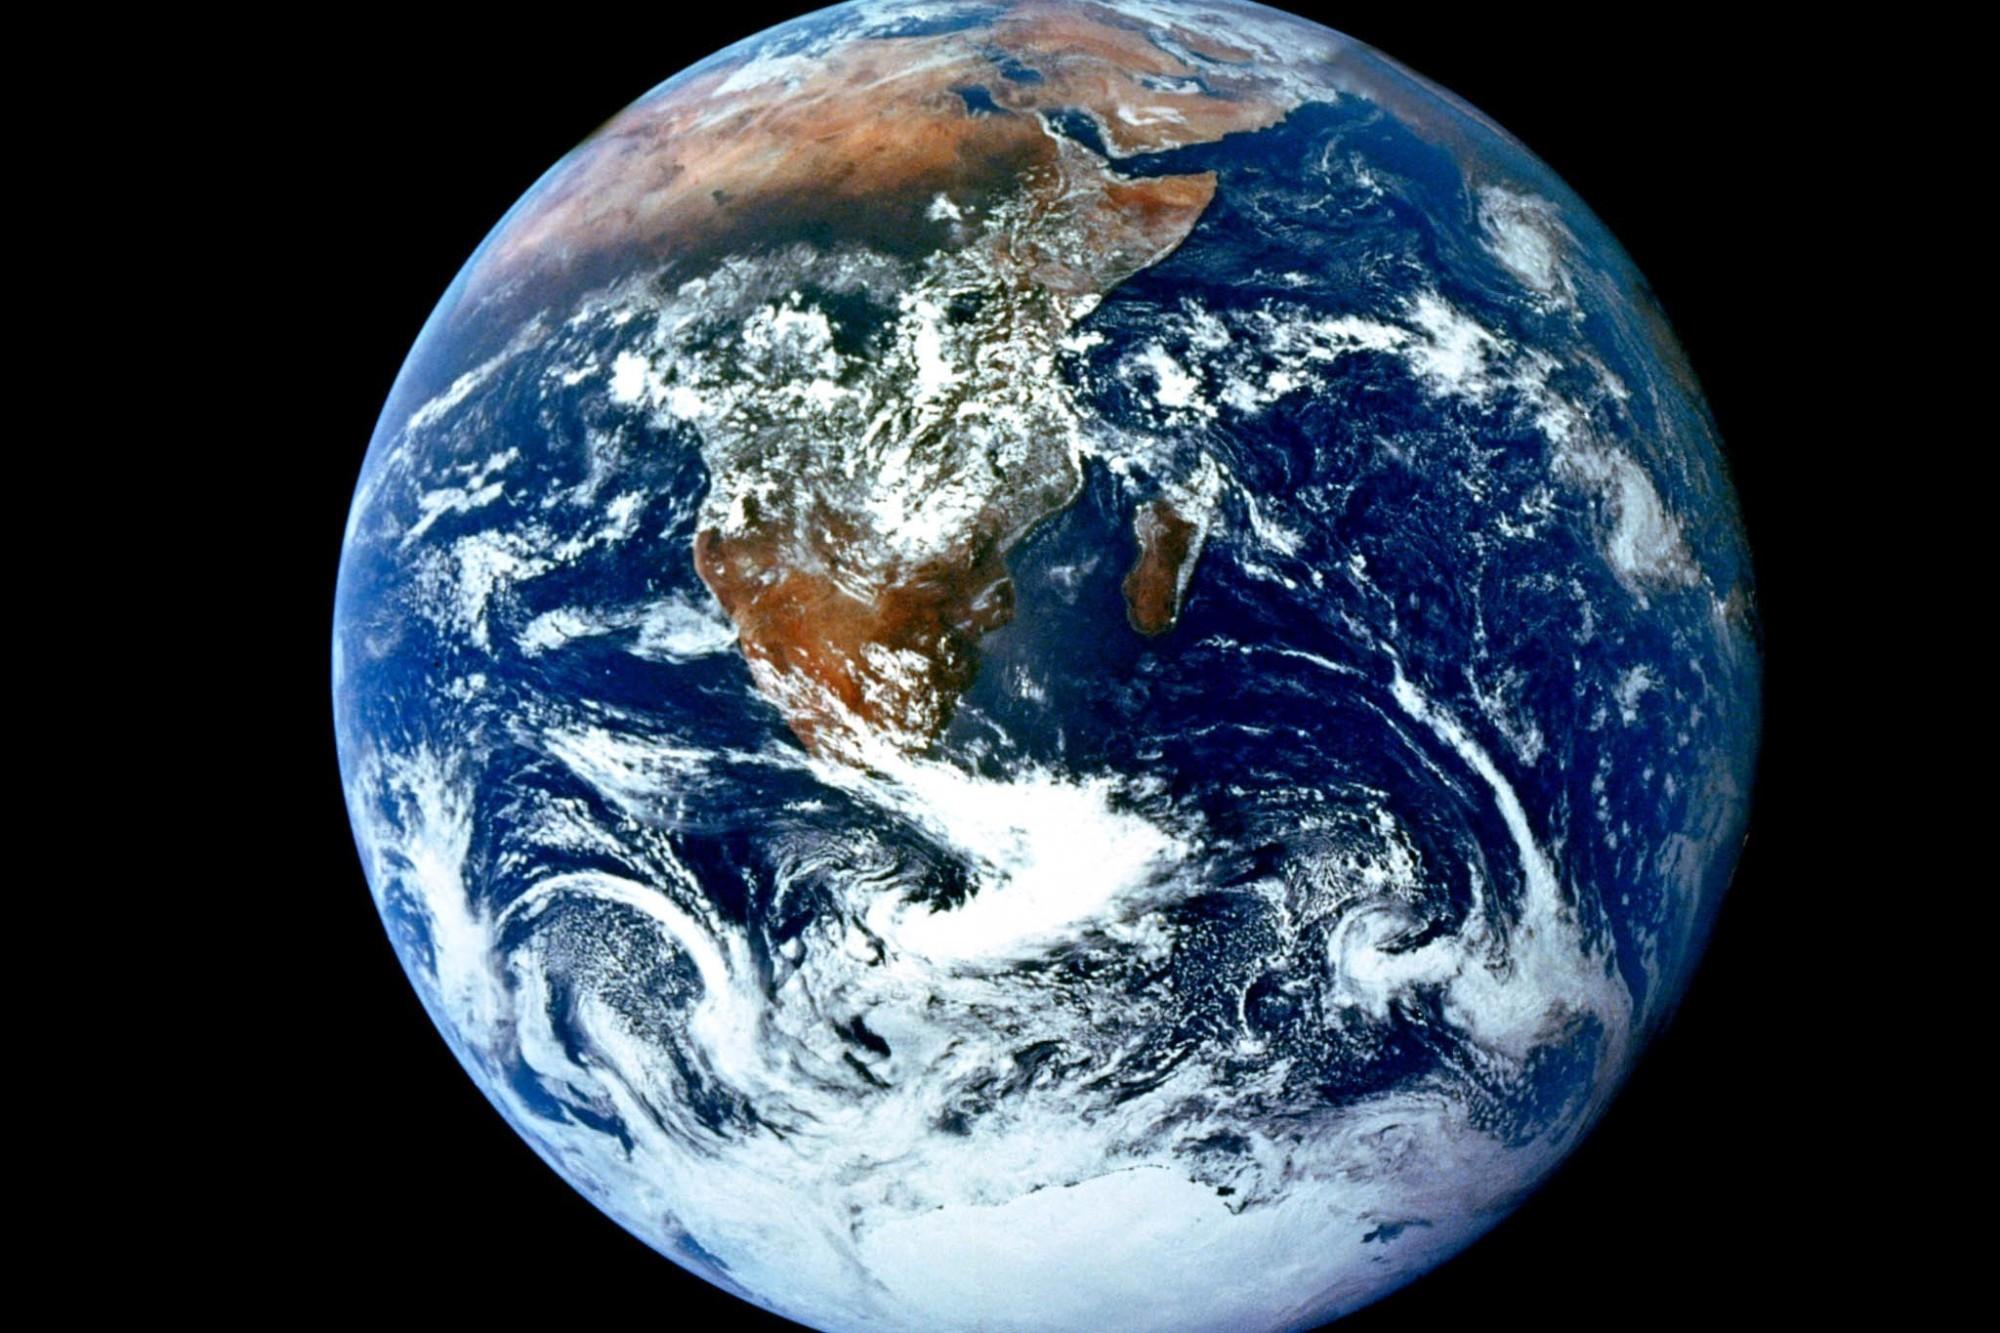 Conséquences dramatiques du dérèglement climatique : Les experts alertent sur l'impact humain, la planète dans la zone rouge (Rapport GIEC 2021)